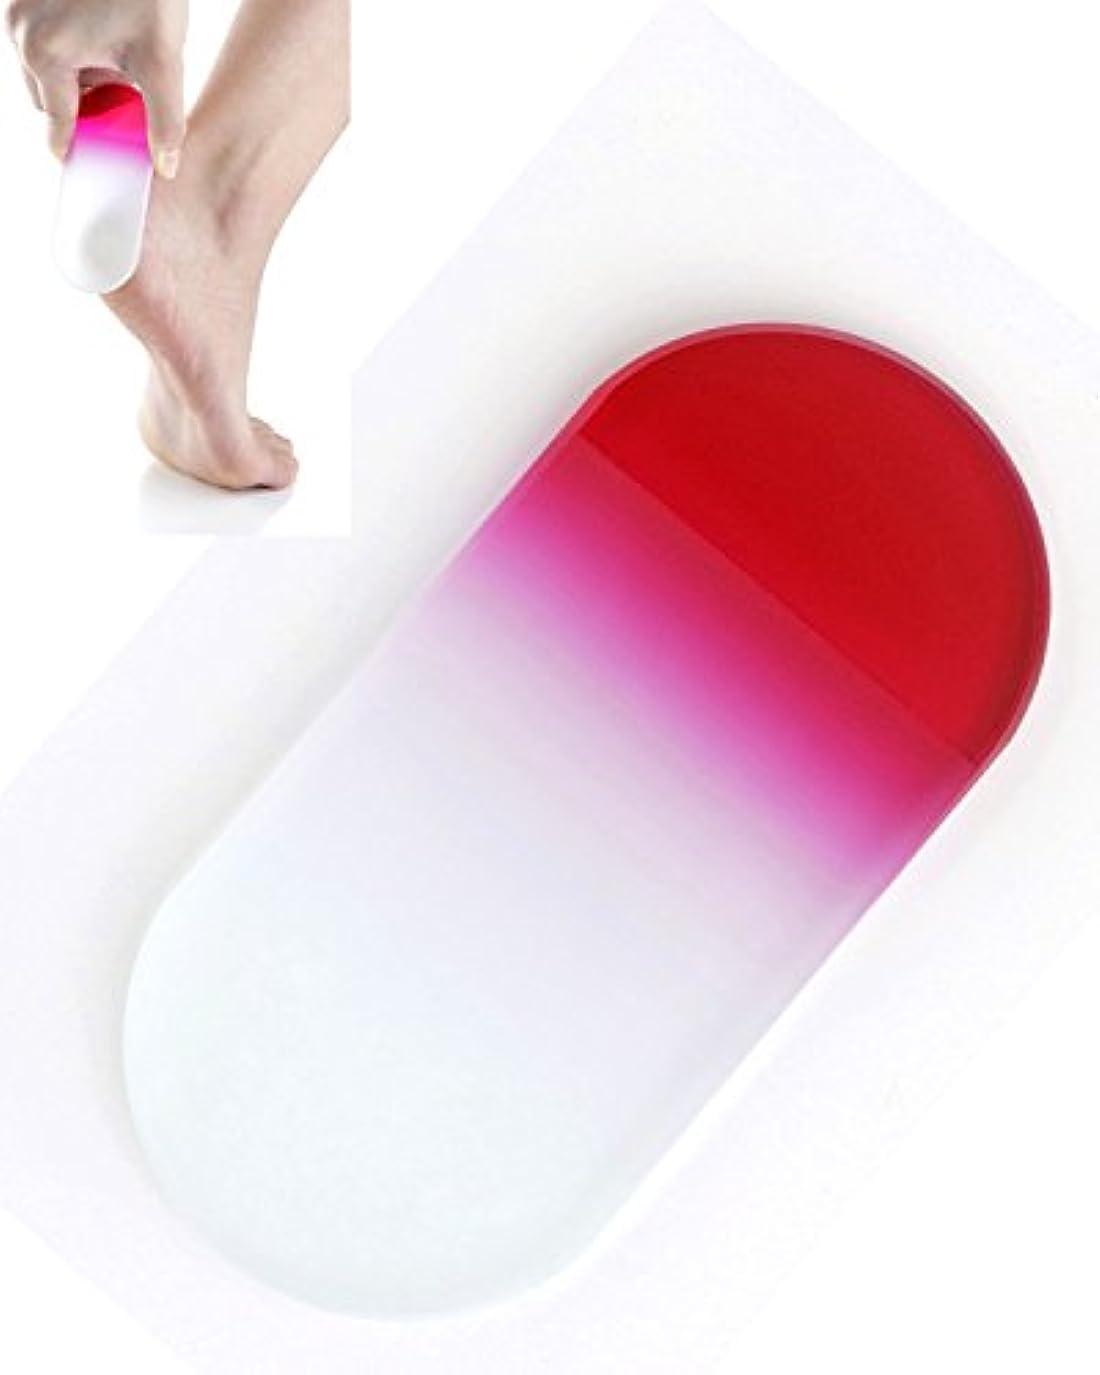 有能なカーペット対応BISON チェコ製ガラス かかとキレイ ピンク 荒目/細目両面 専用ケース付 介護用